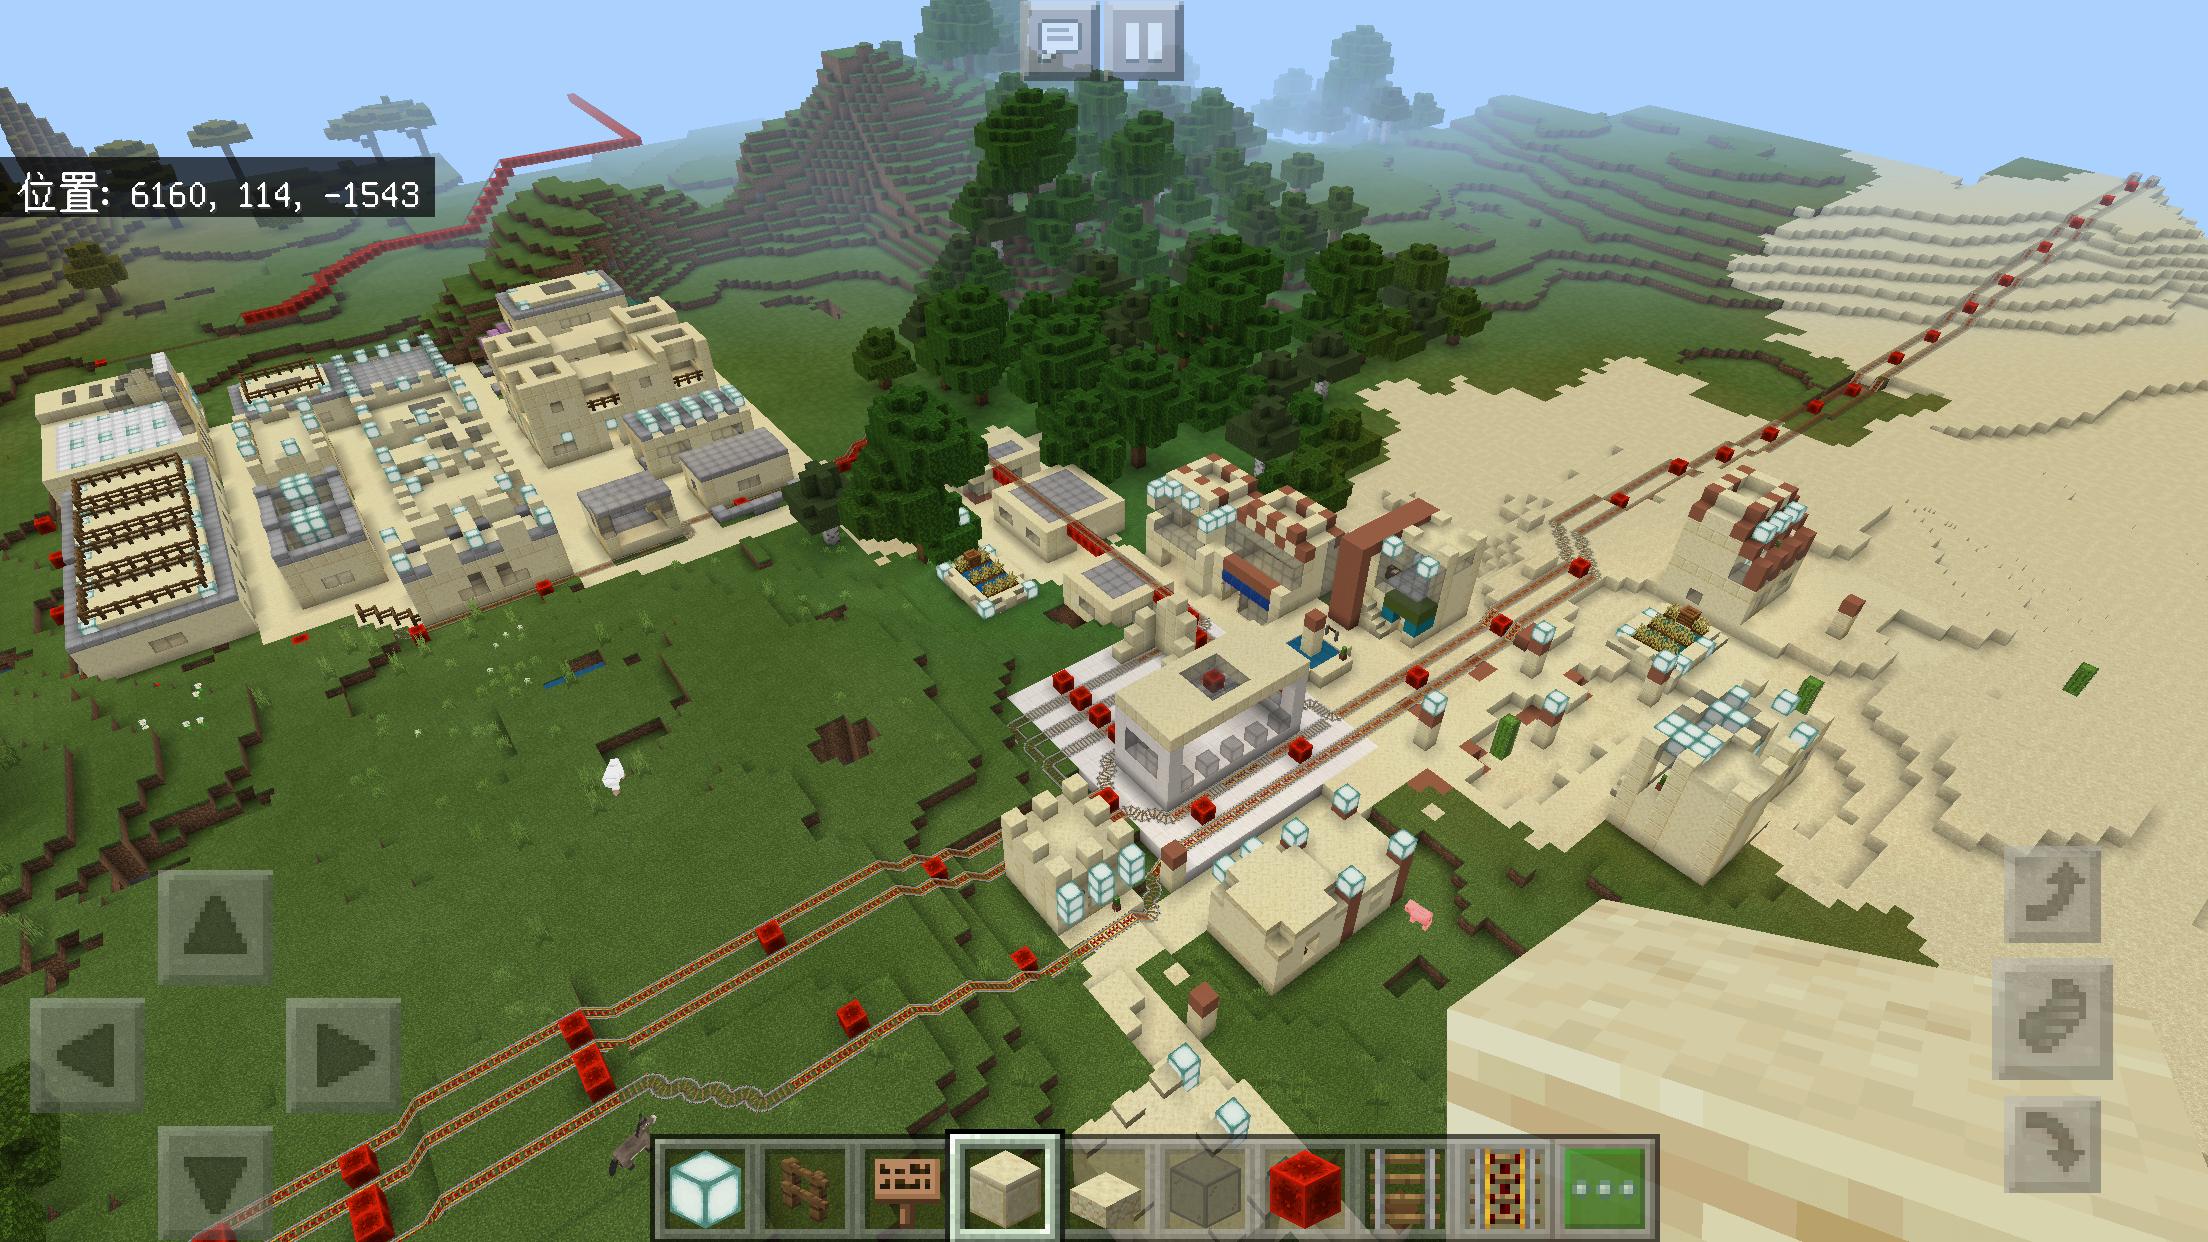 f:id:Minecraftkun:20200301151931p:image